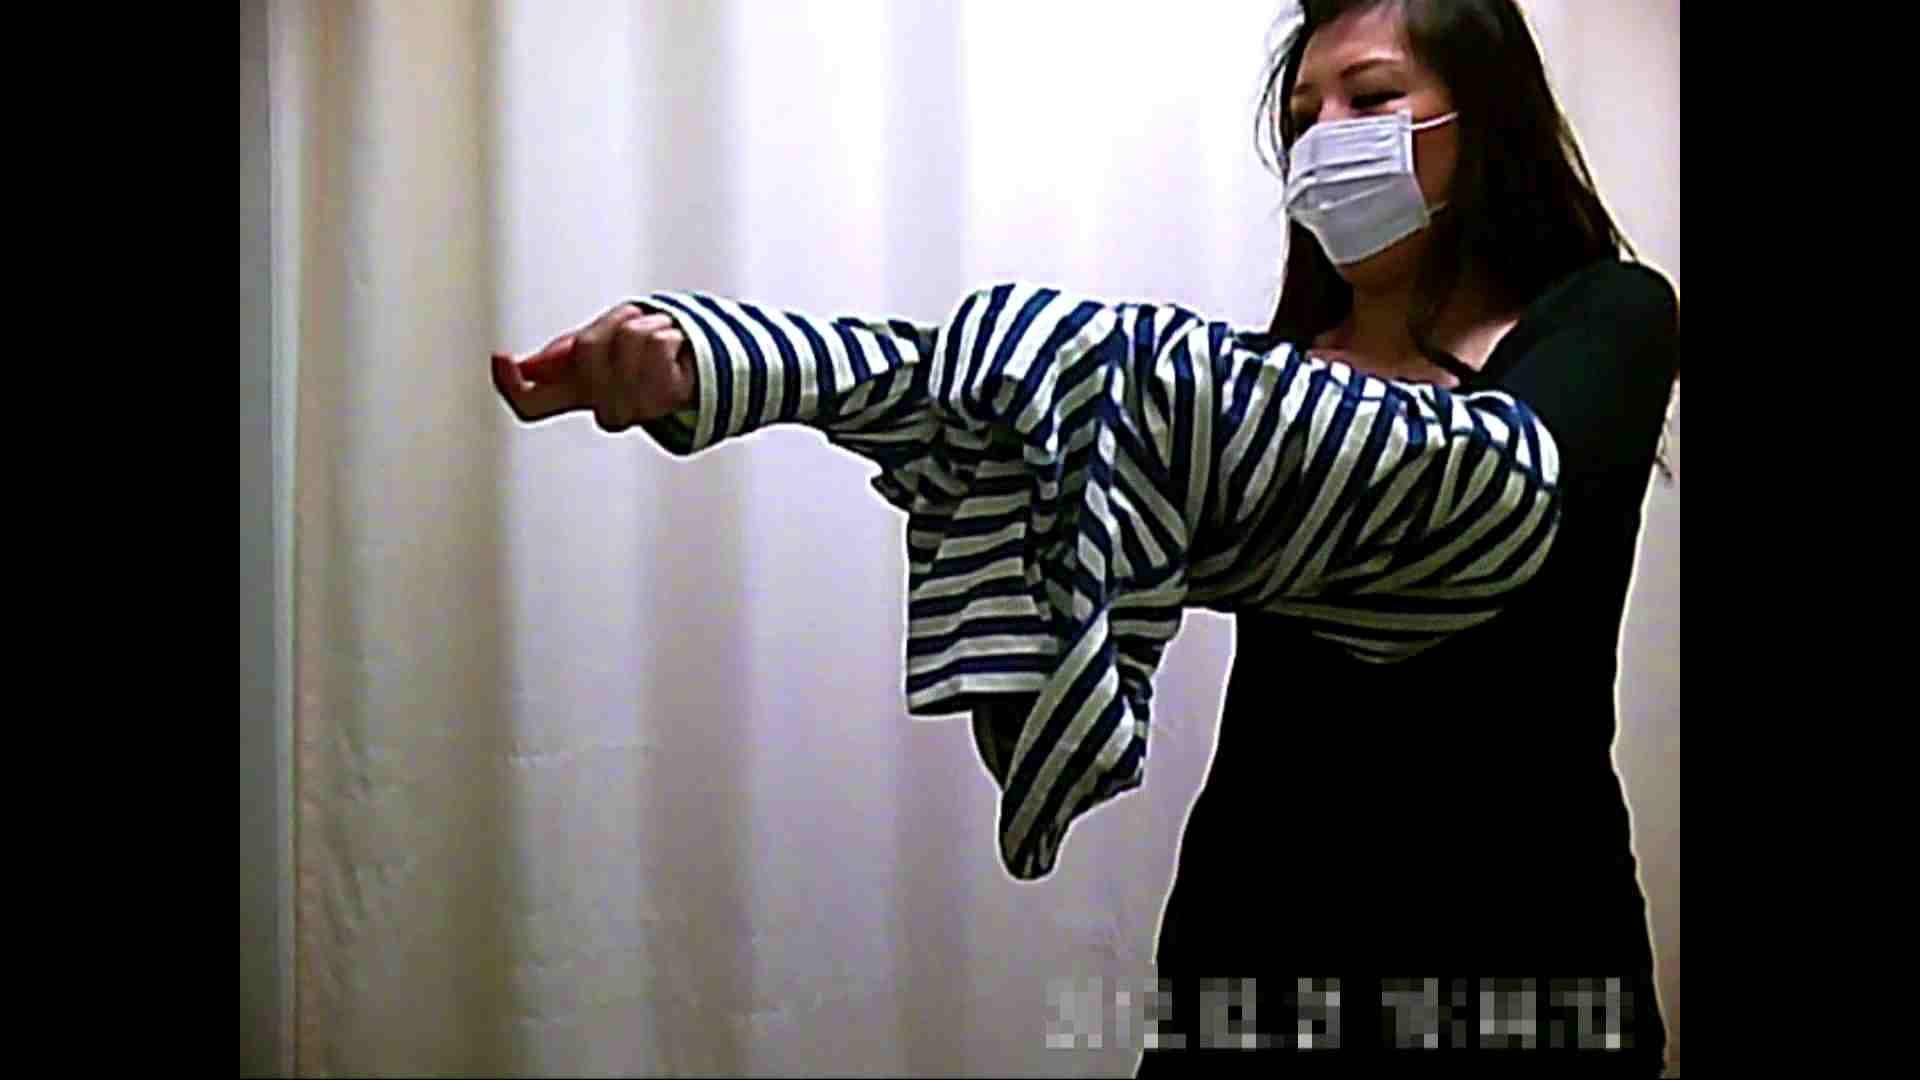 無修正エロ動画|元医者による反抗 更衣室地獄絵巻 vol.036|怪盗ジョーカー